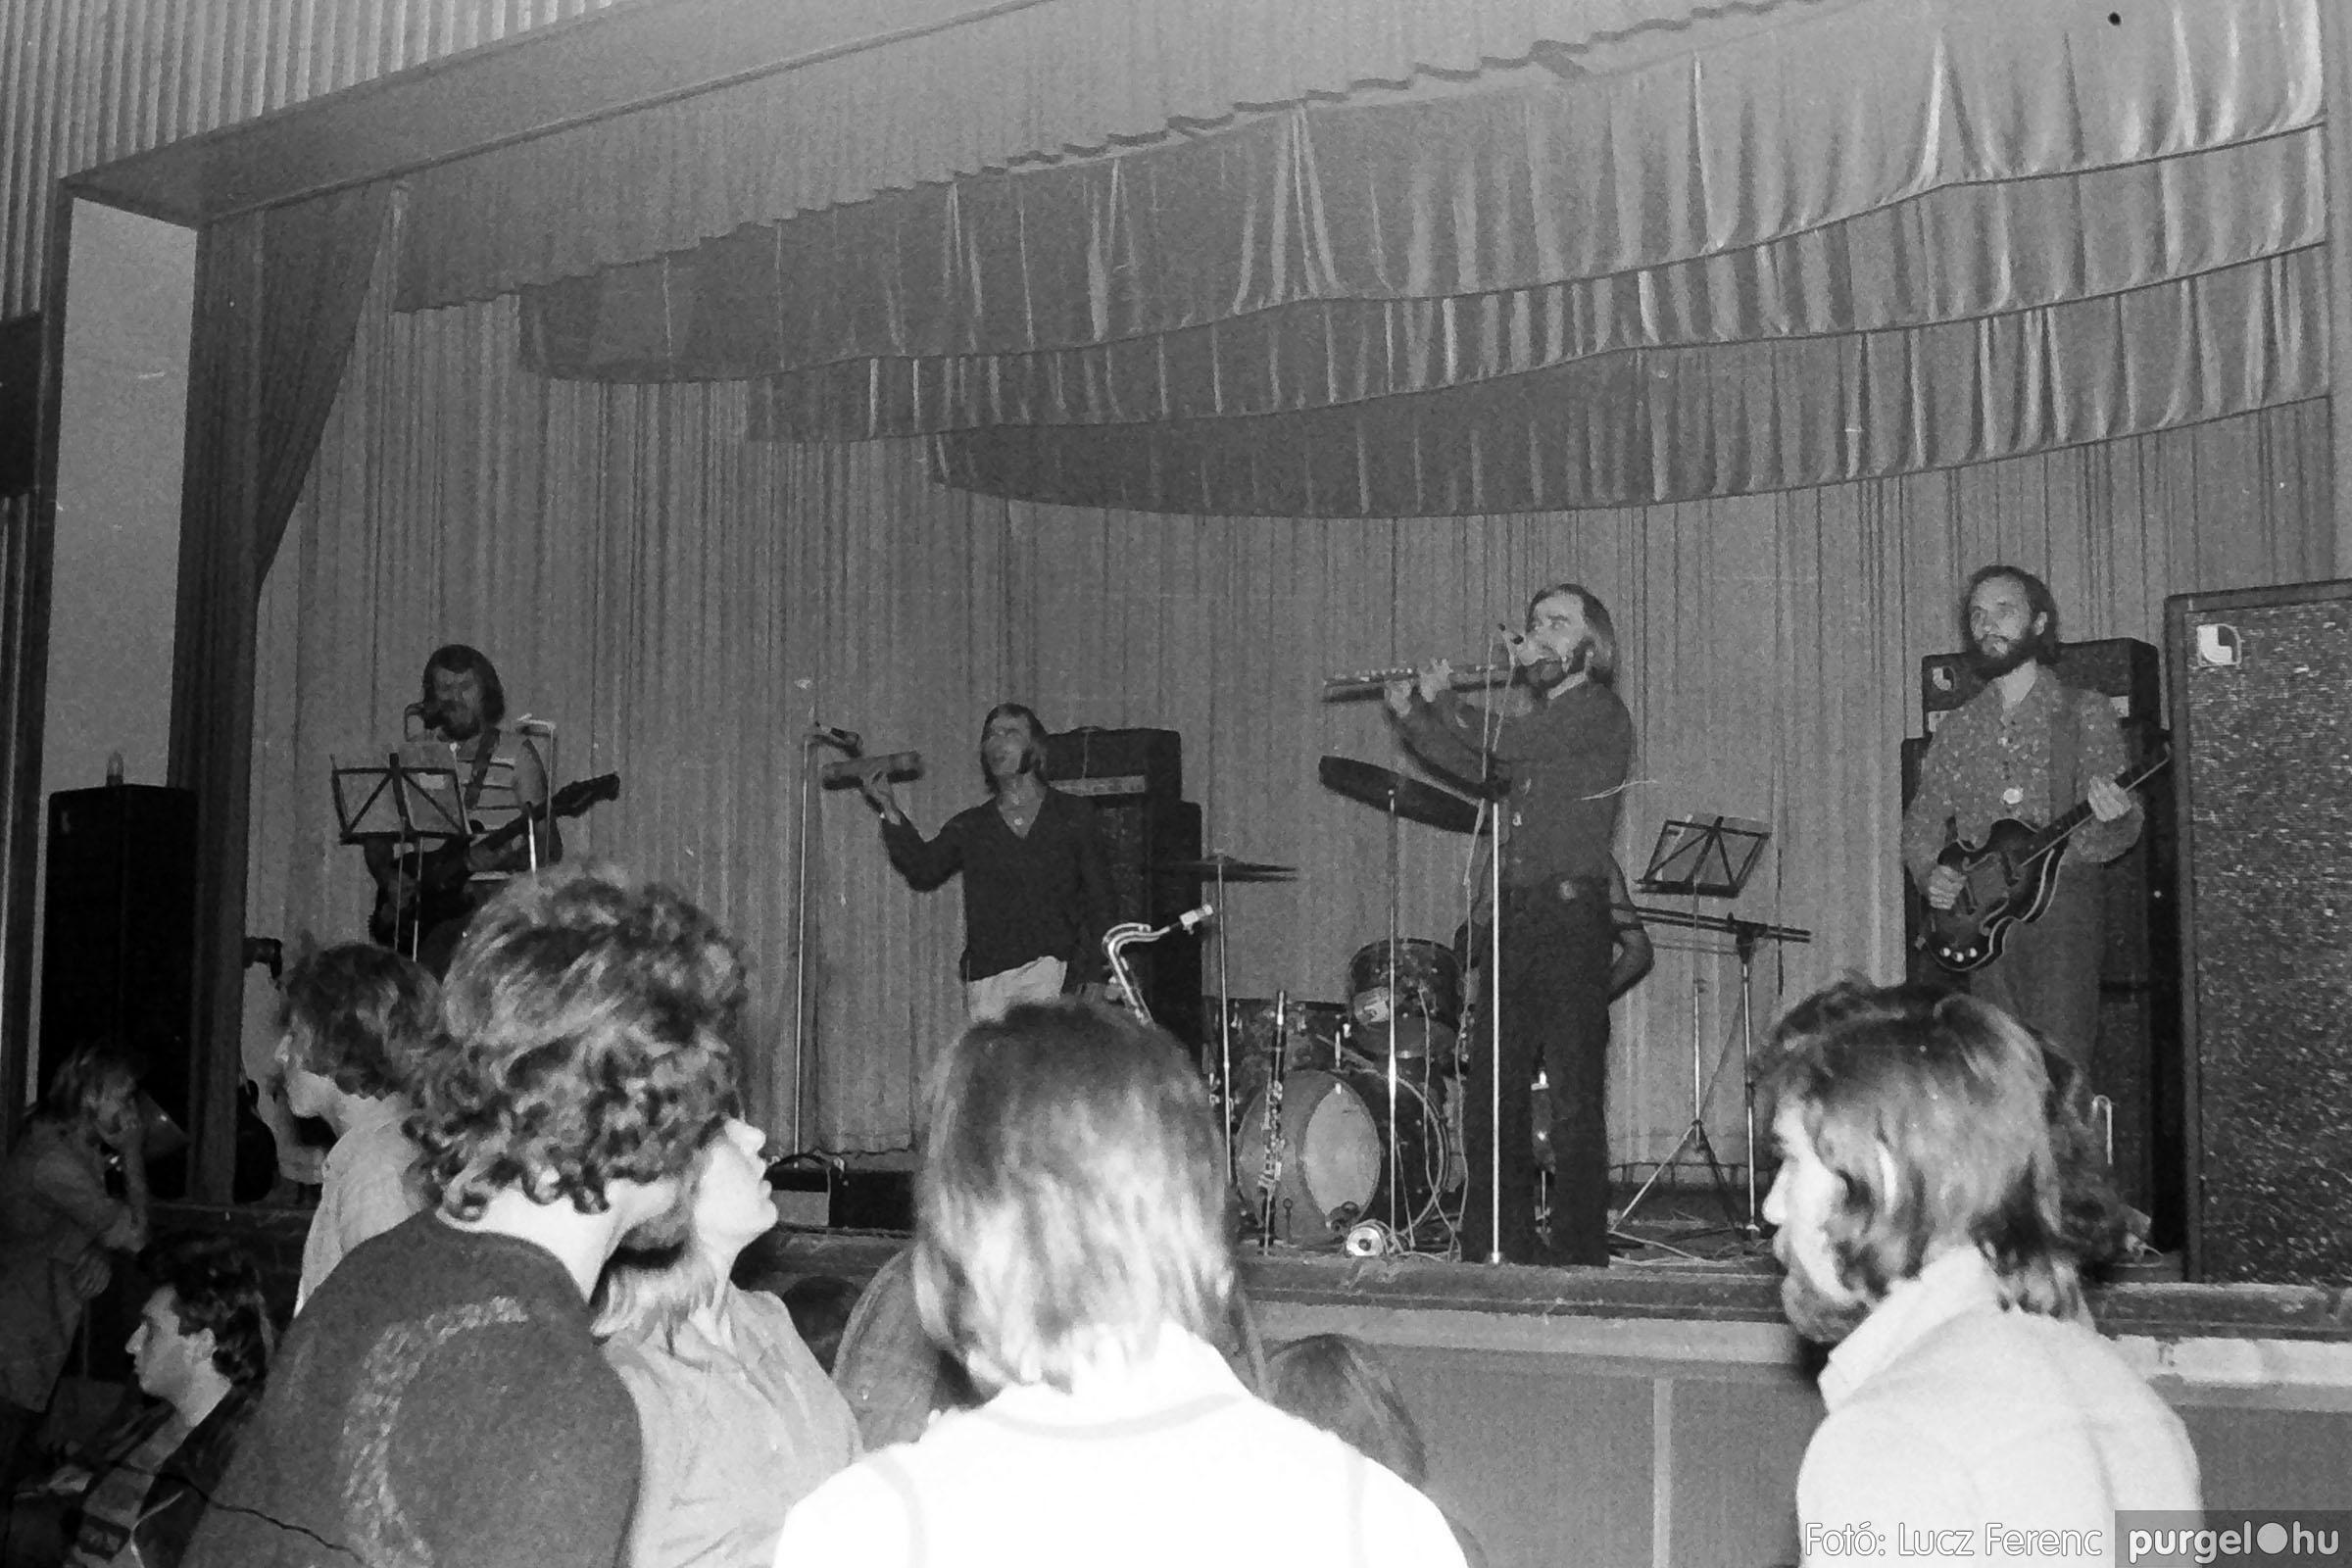 024 1975. A Kvint, az LWH és a Keopsz Együttesek koncertje 007 - Fotó: Lucz Ferenc IMG00185q.jpg